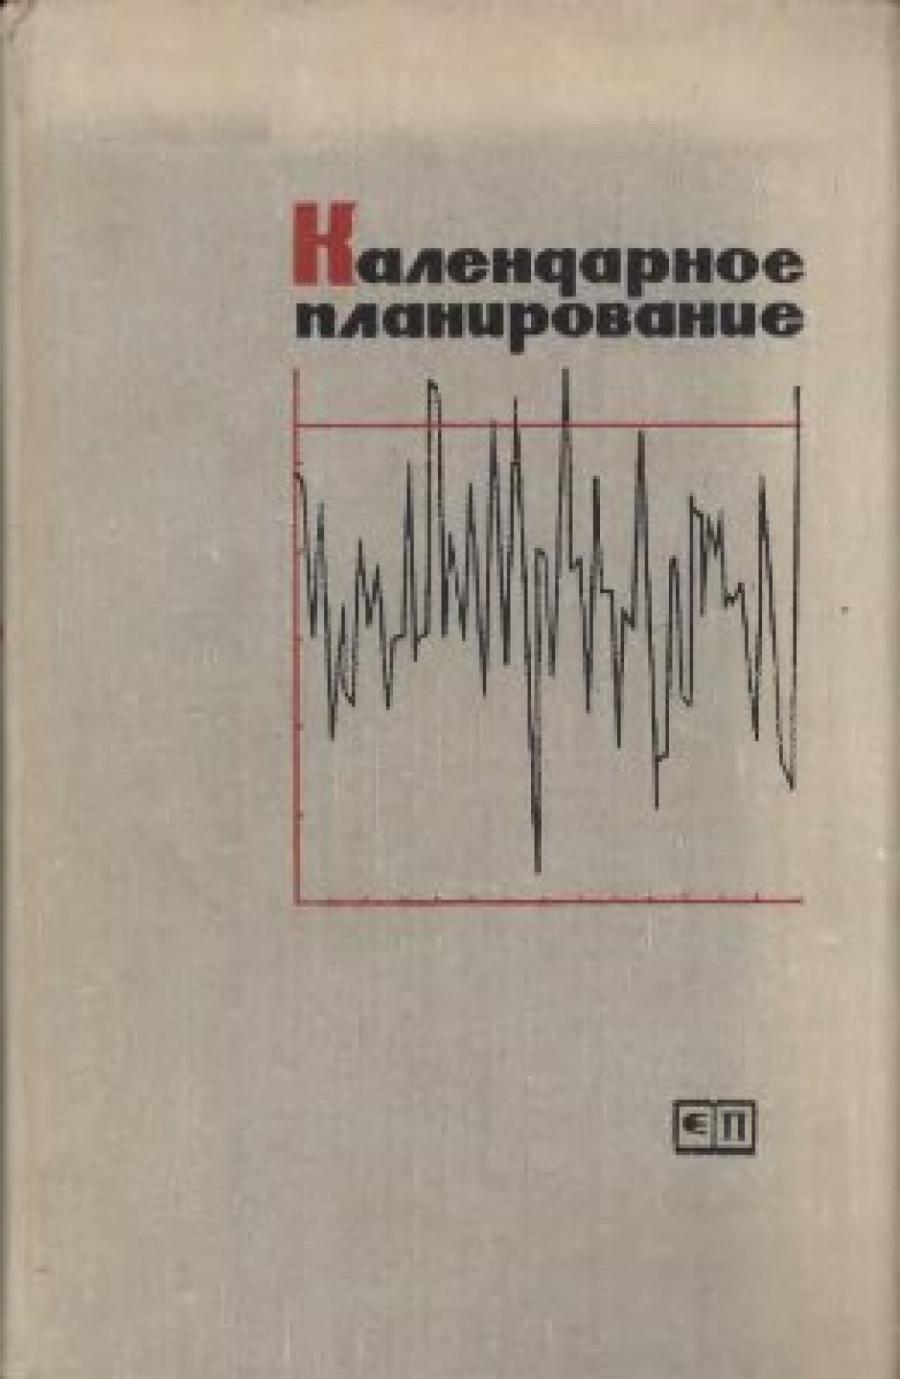 Обложка книги:  мут дж. ф., томпсон дж. л. - календарное планирование